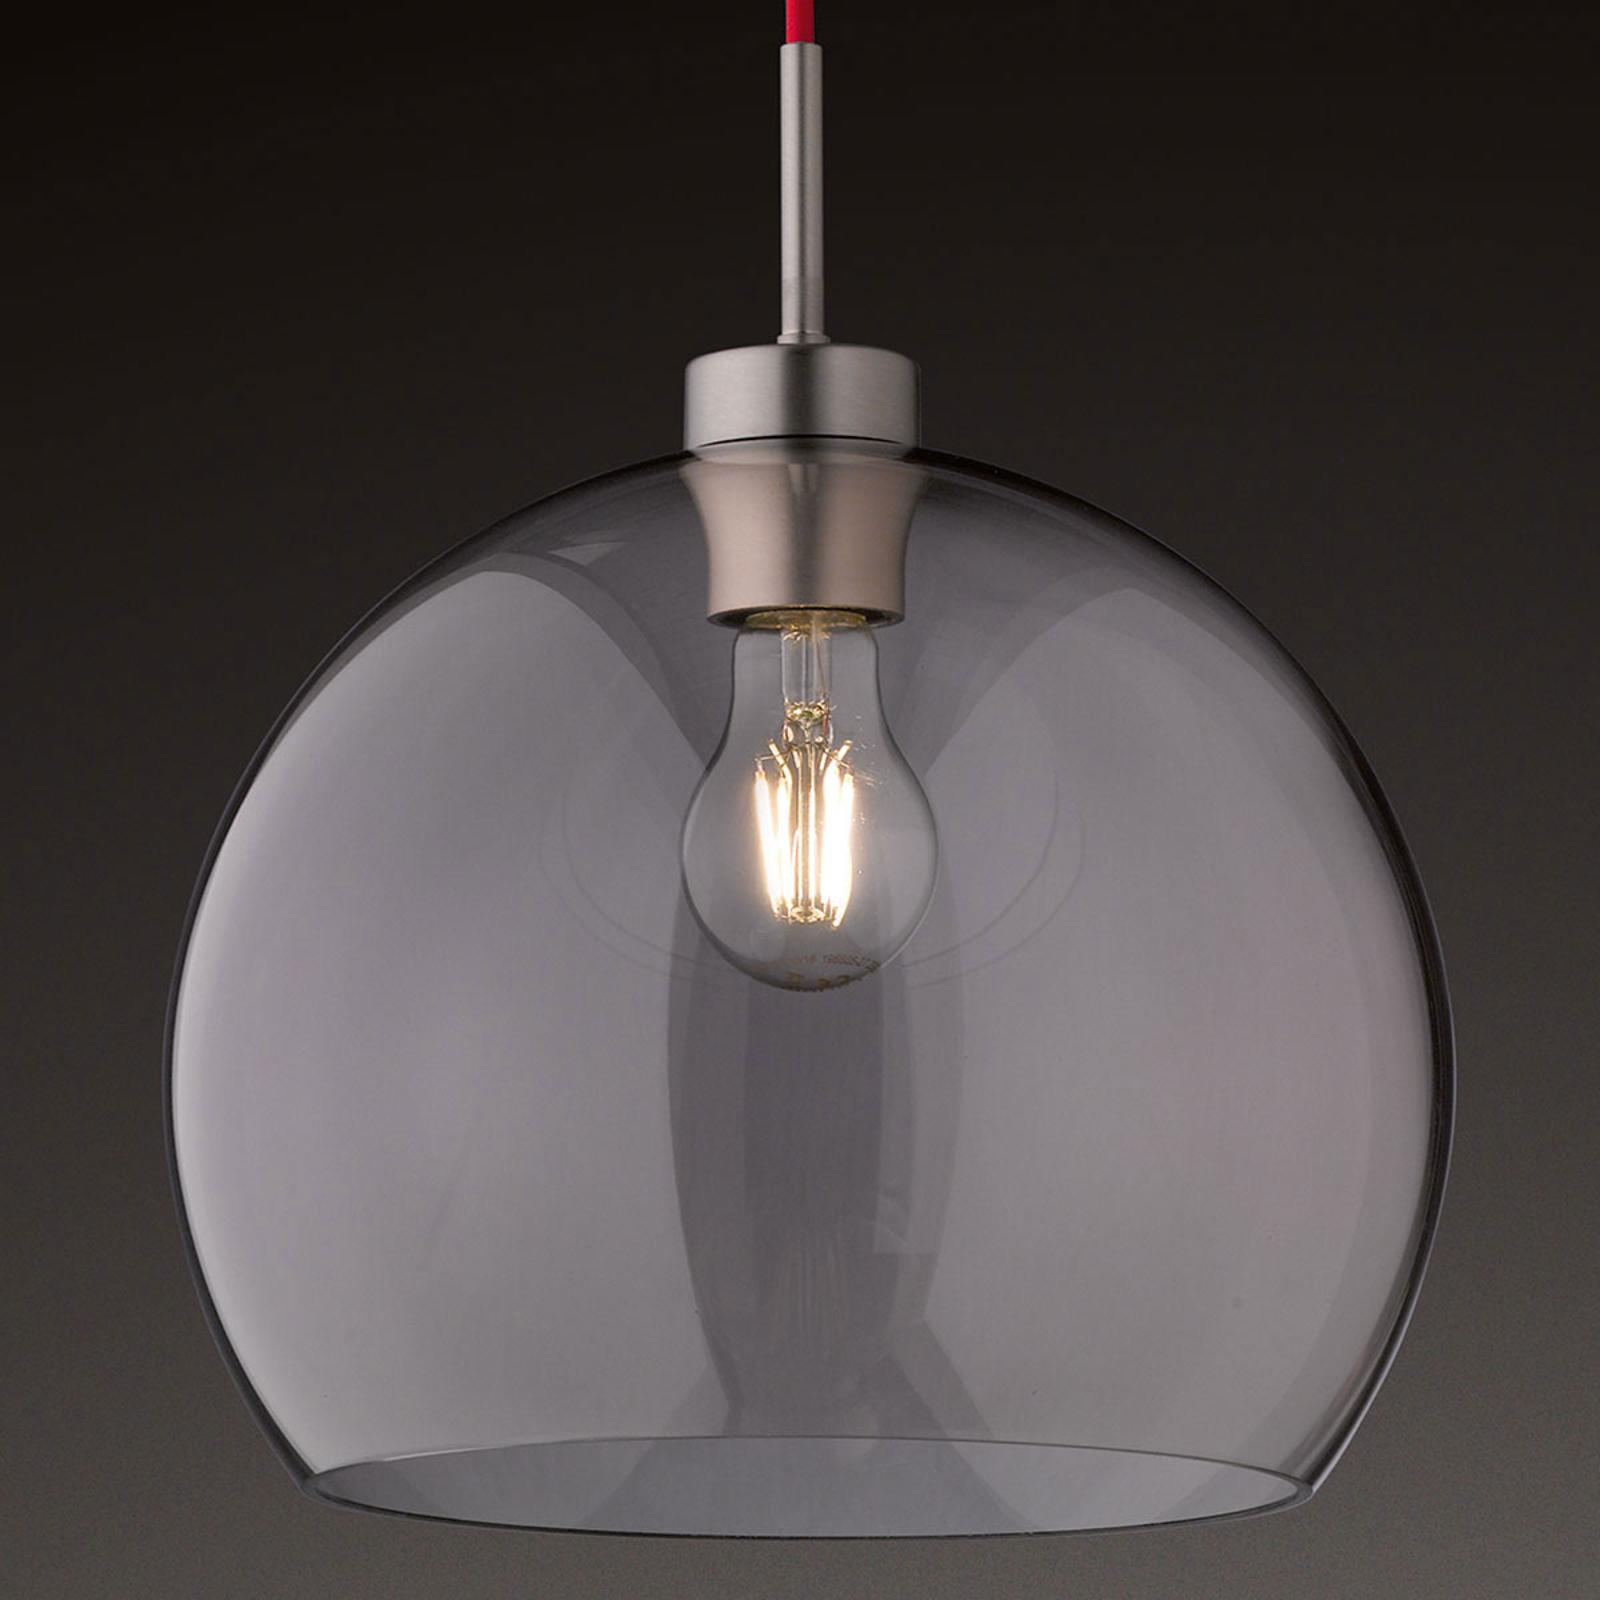 Szklana lampa wisząca Clear, 40 cm